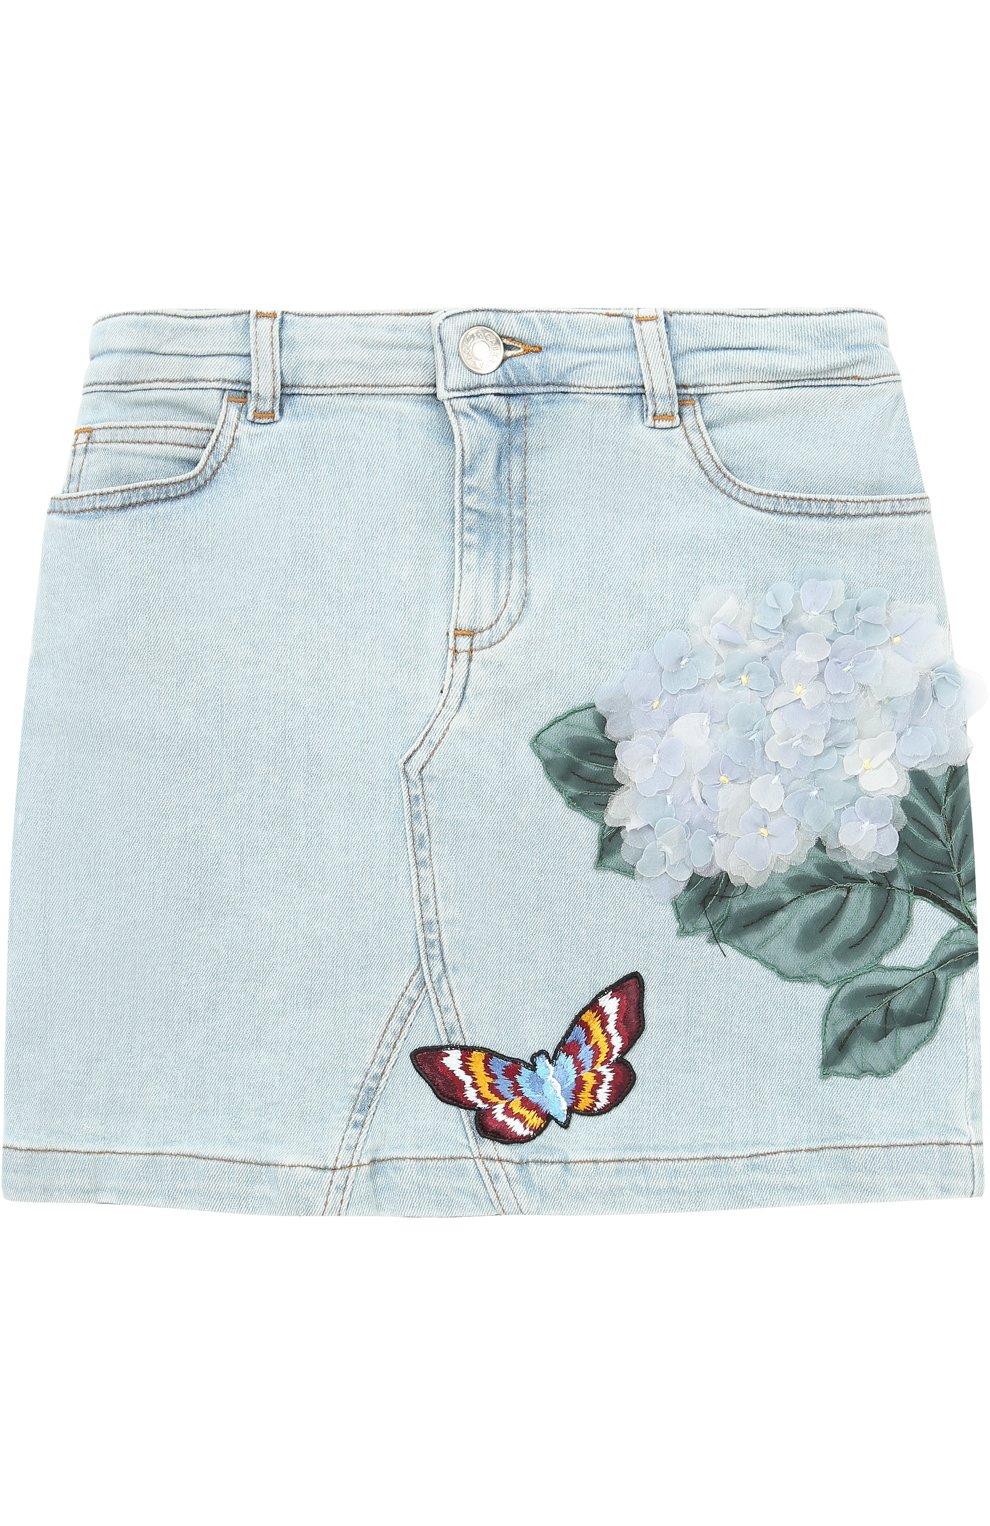 Мини-юбка из денима с цветочной аппликацией и вышивкой | Фото №1